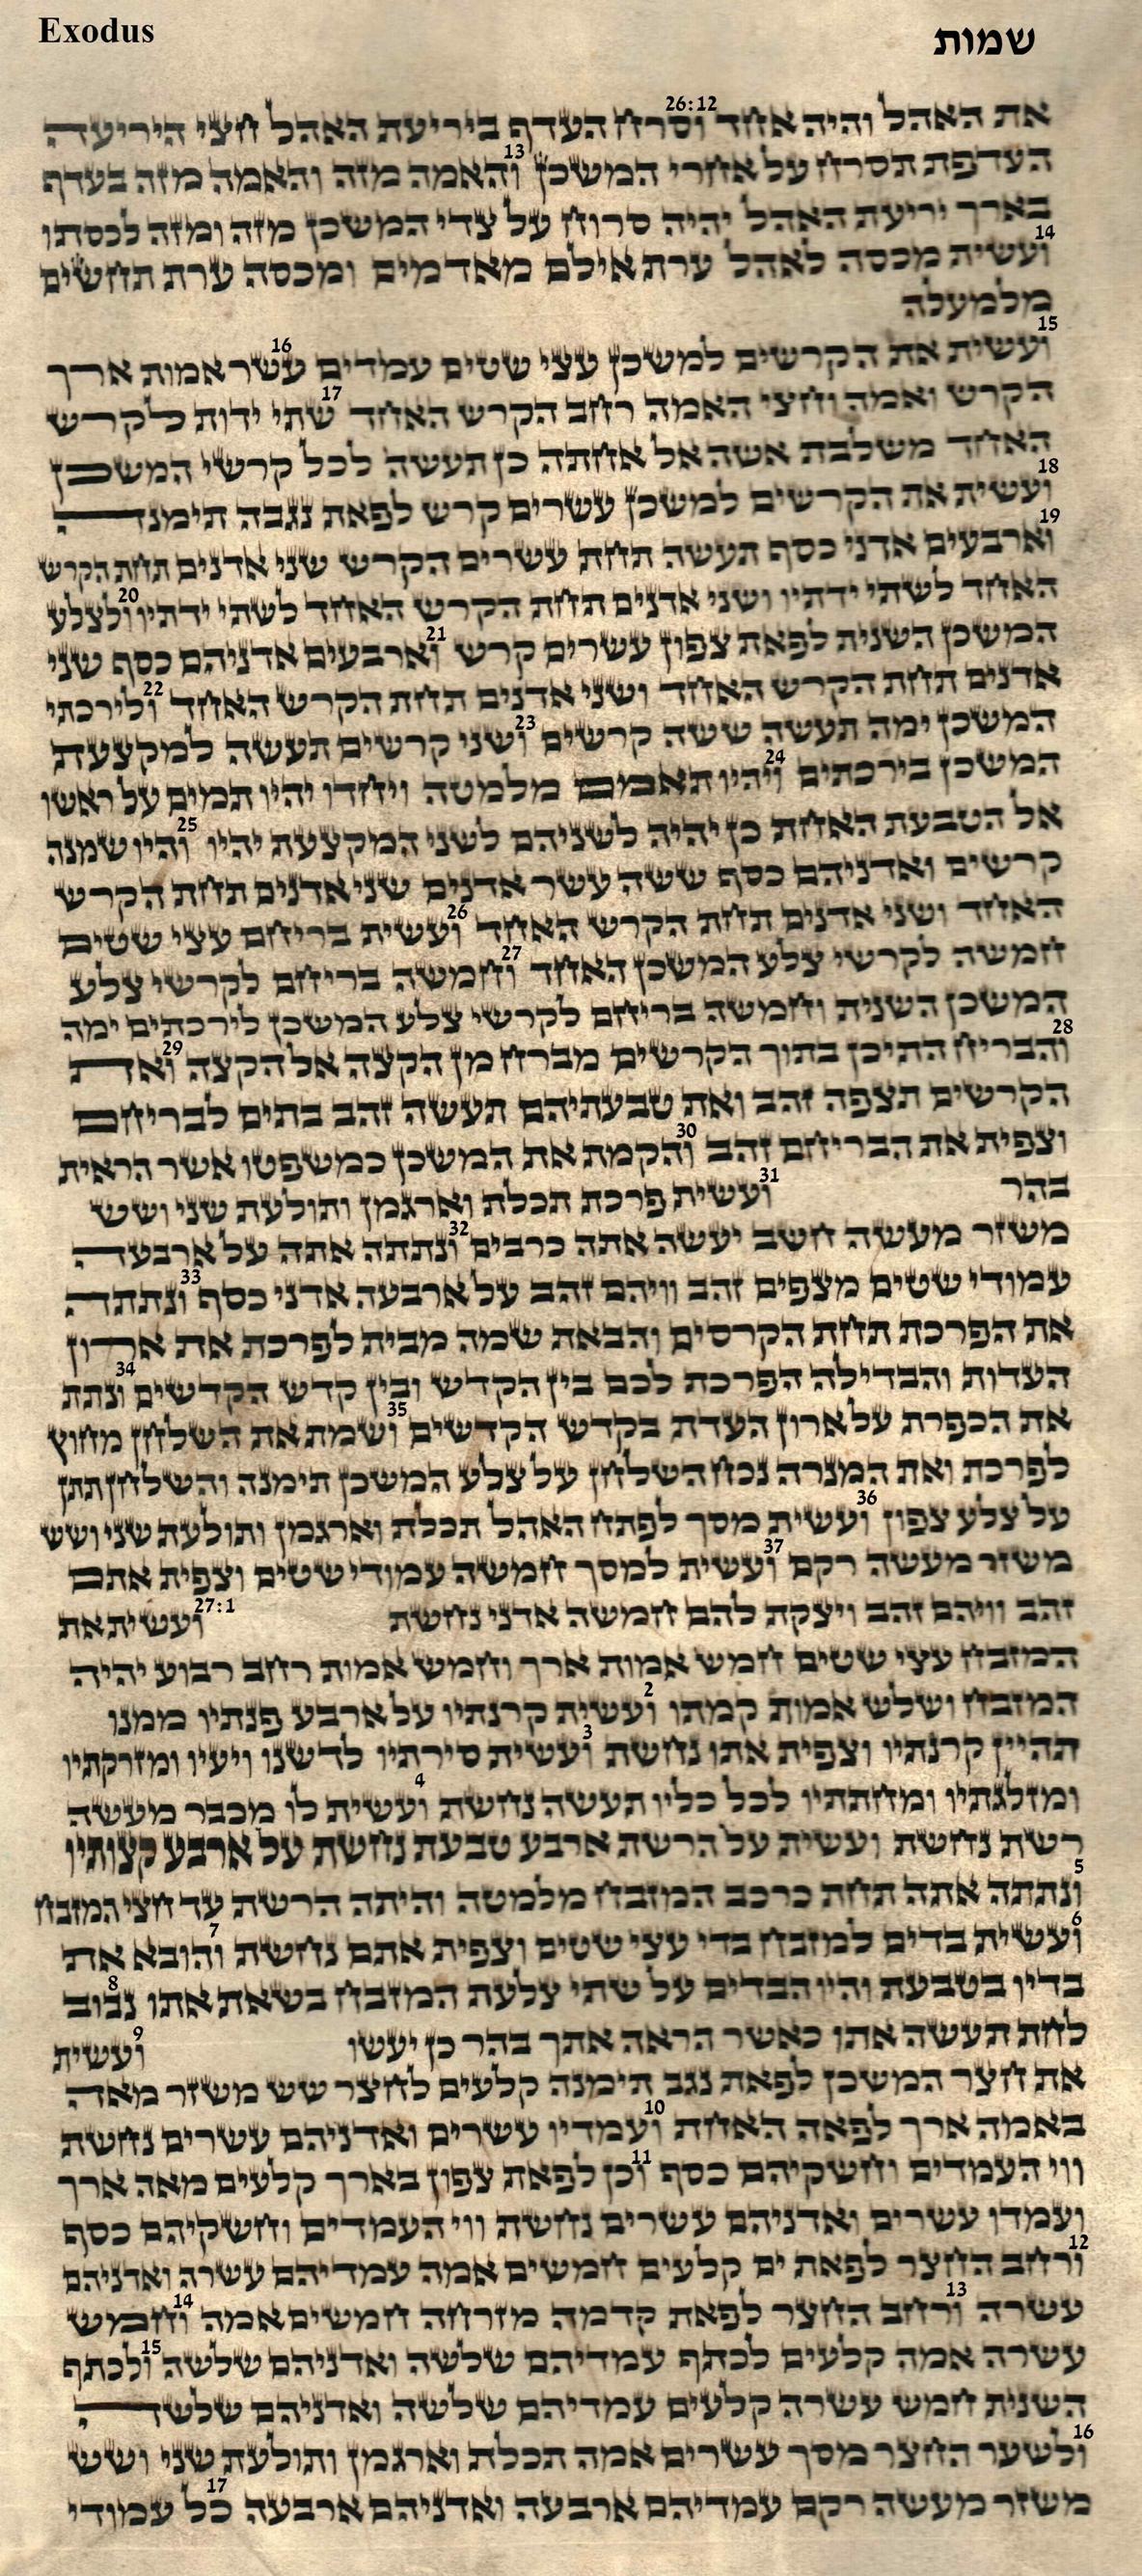 Exodus 26.12 - 27.17